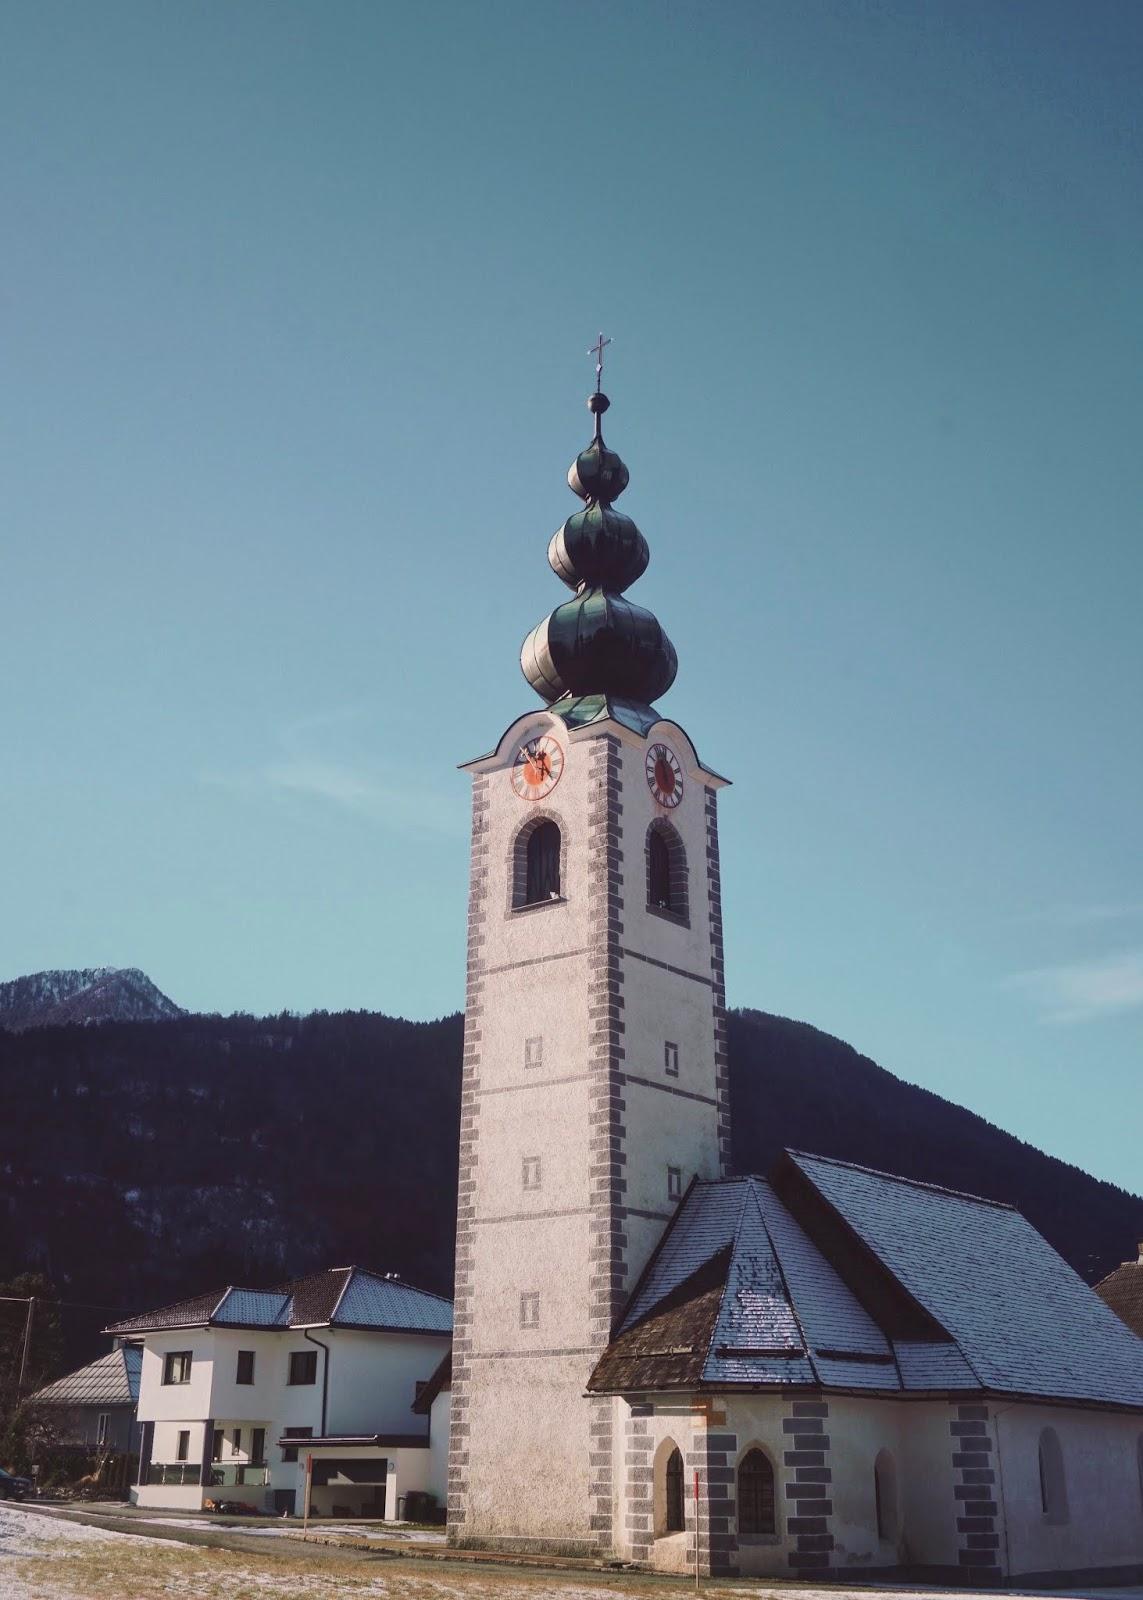 Vorderberg, Carinthia, Austria